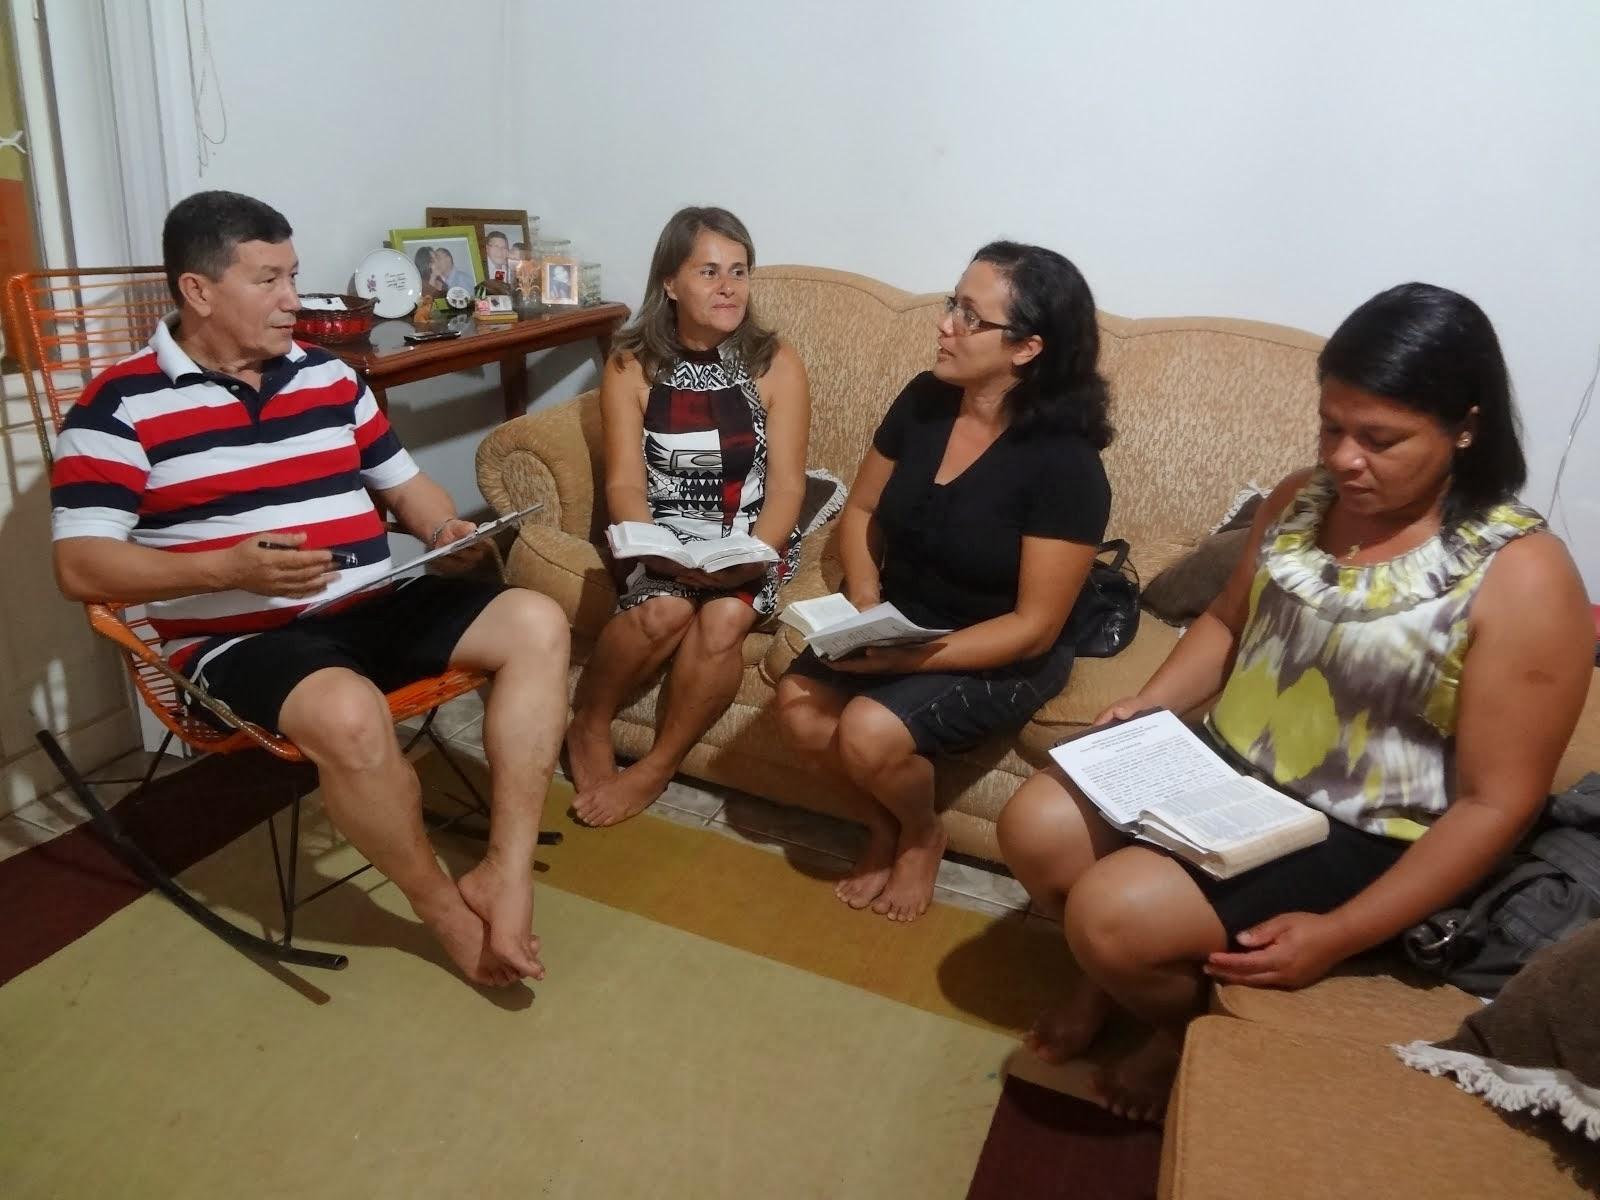 Foto da Equipe de Evangelização - Início dos Trabalhos (Igreja MBP)